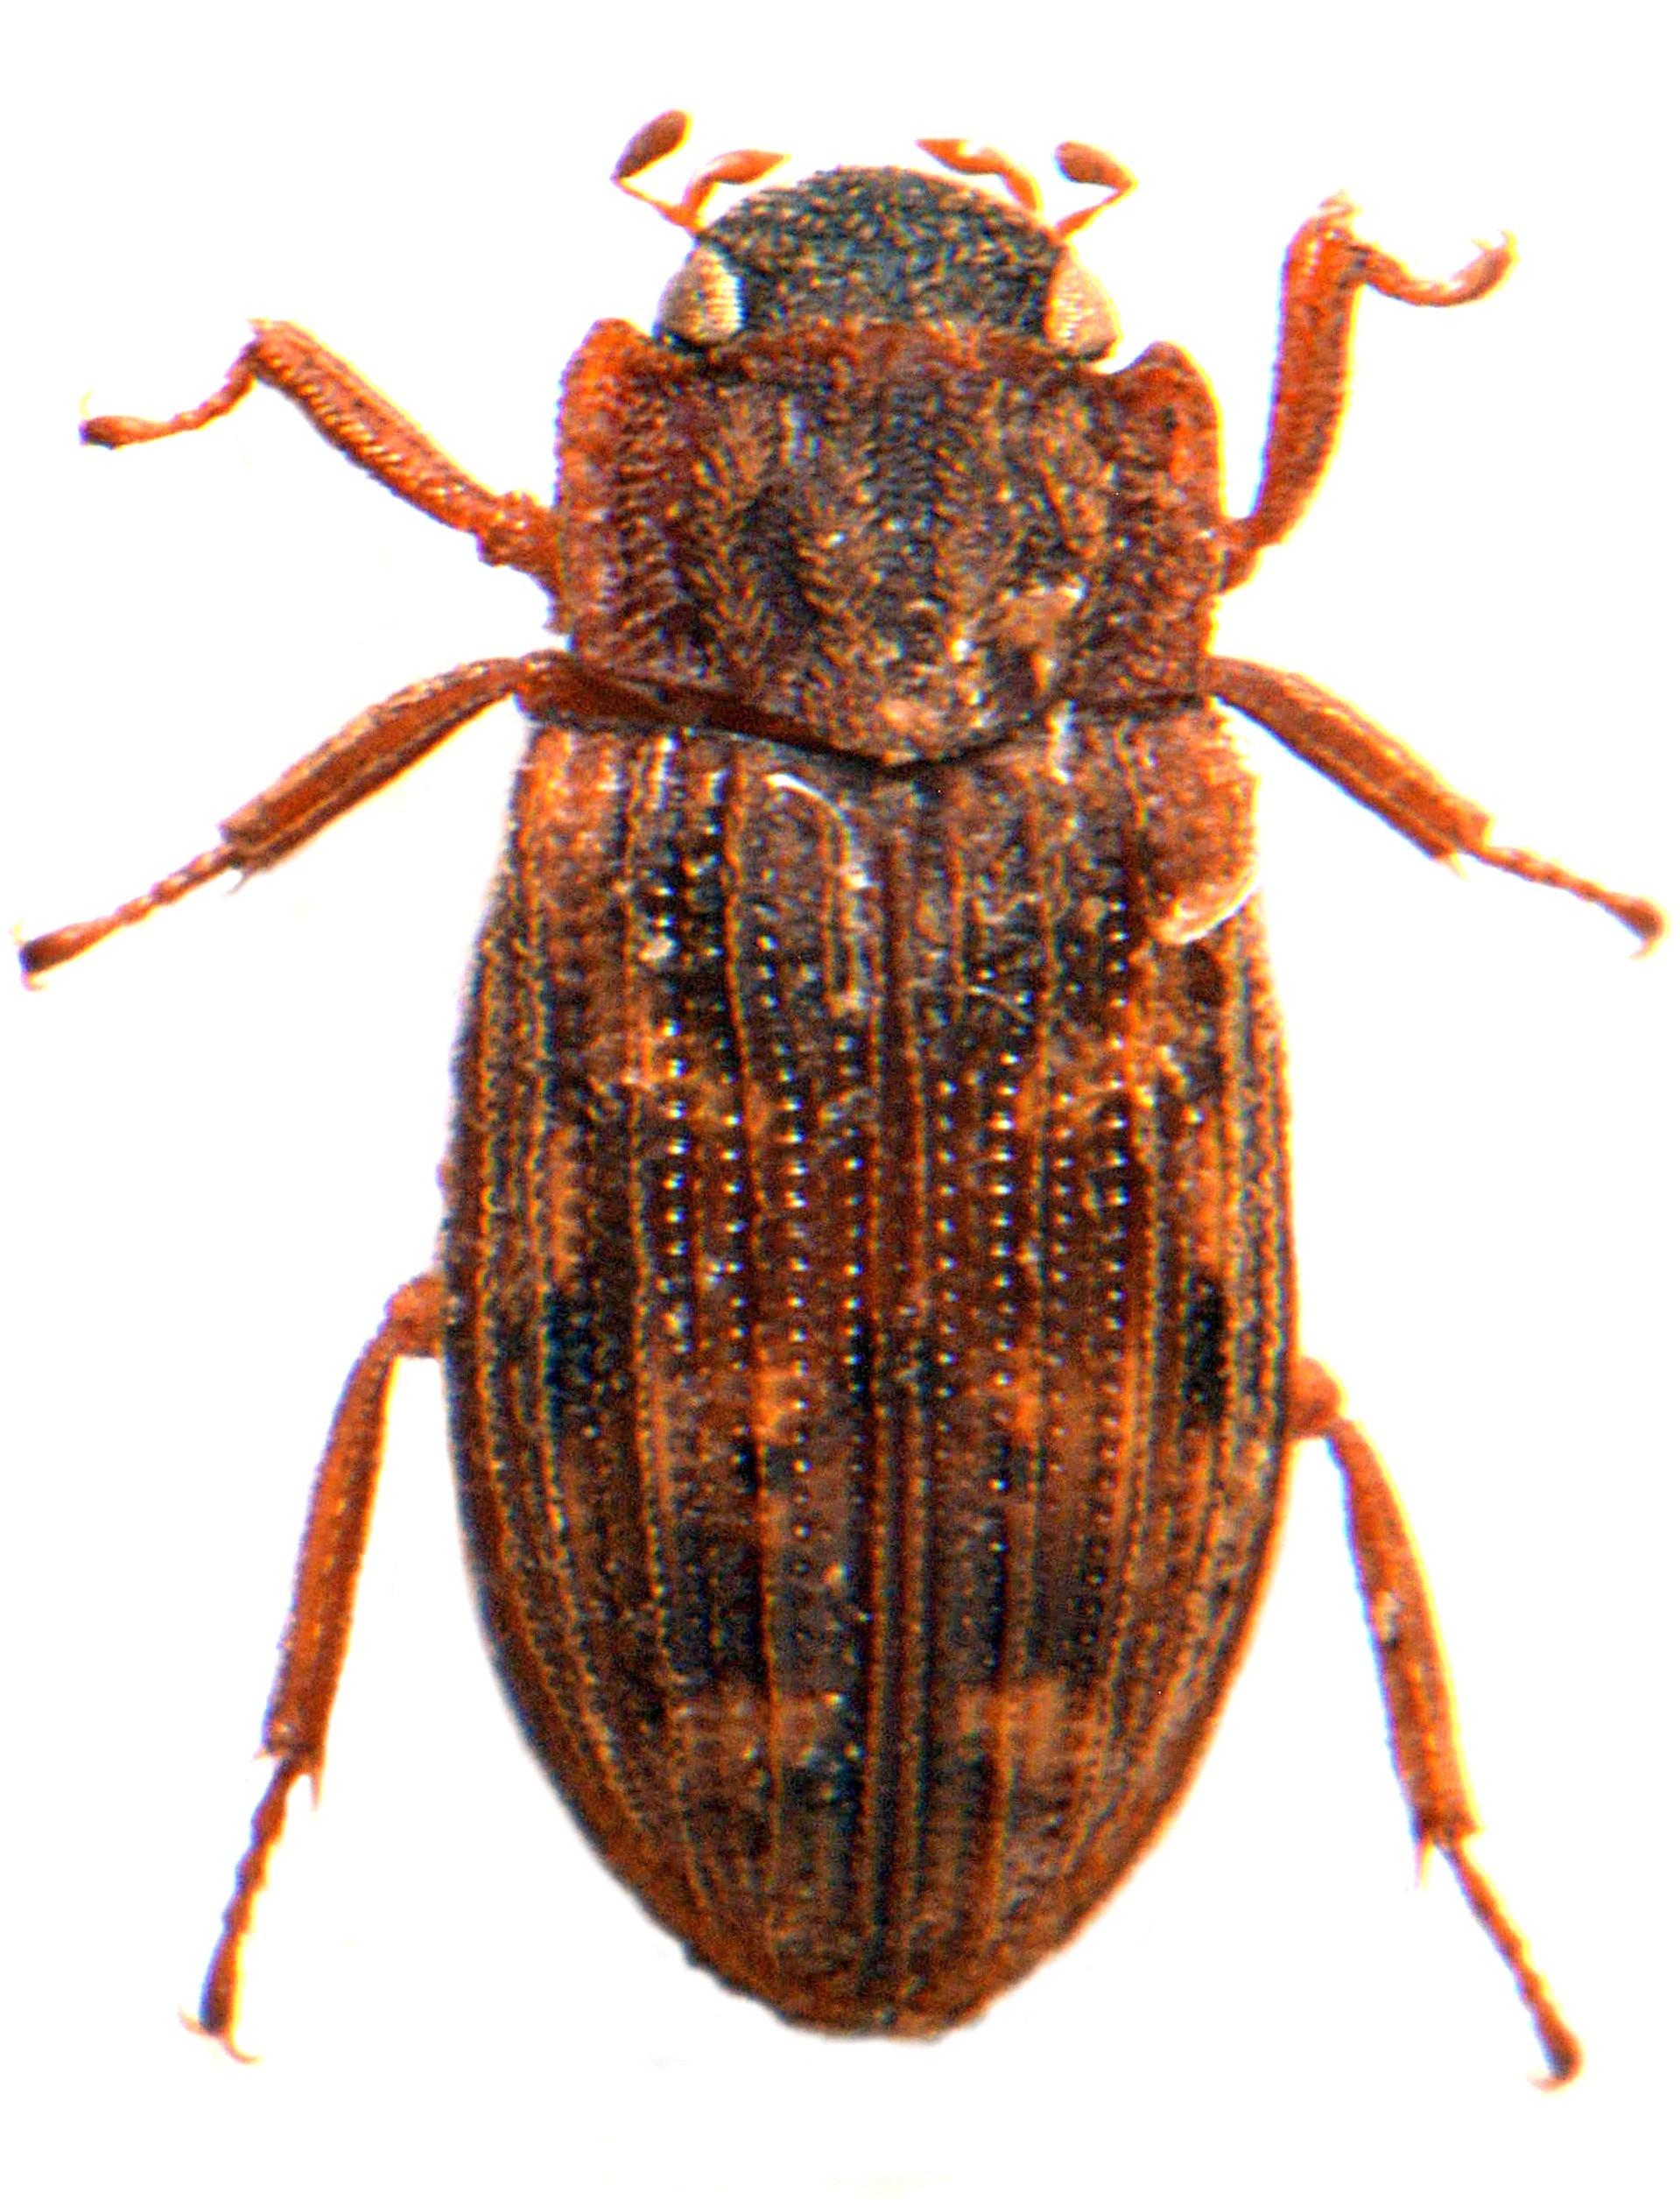 H. (Empleurus) nubilus